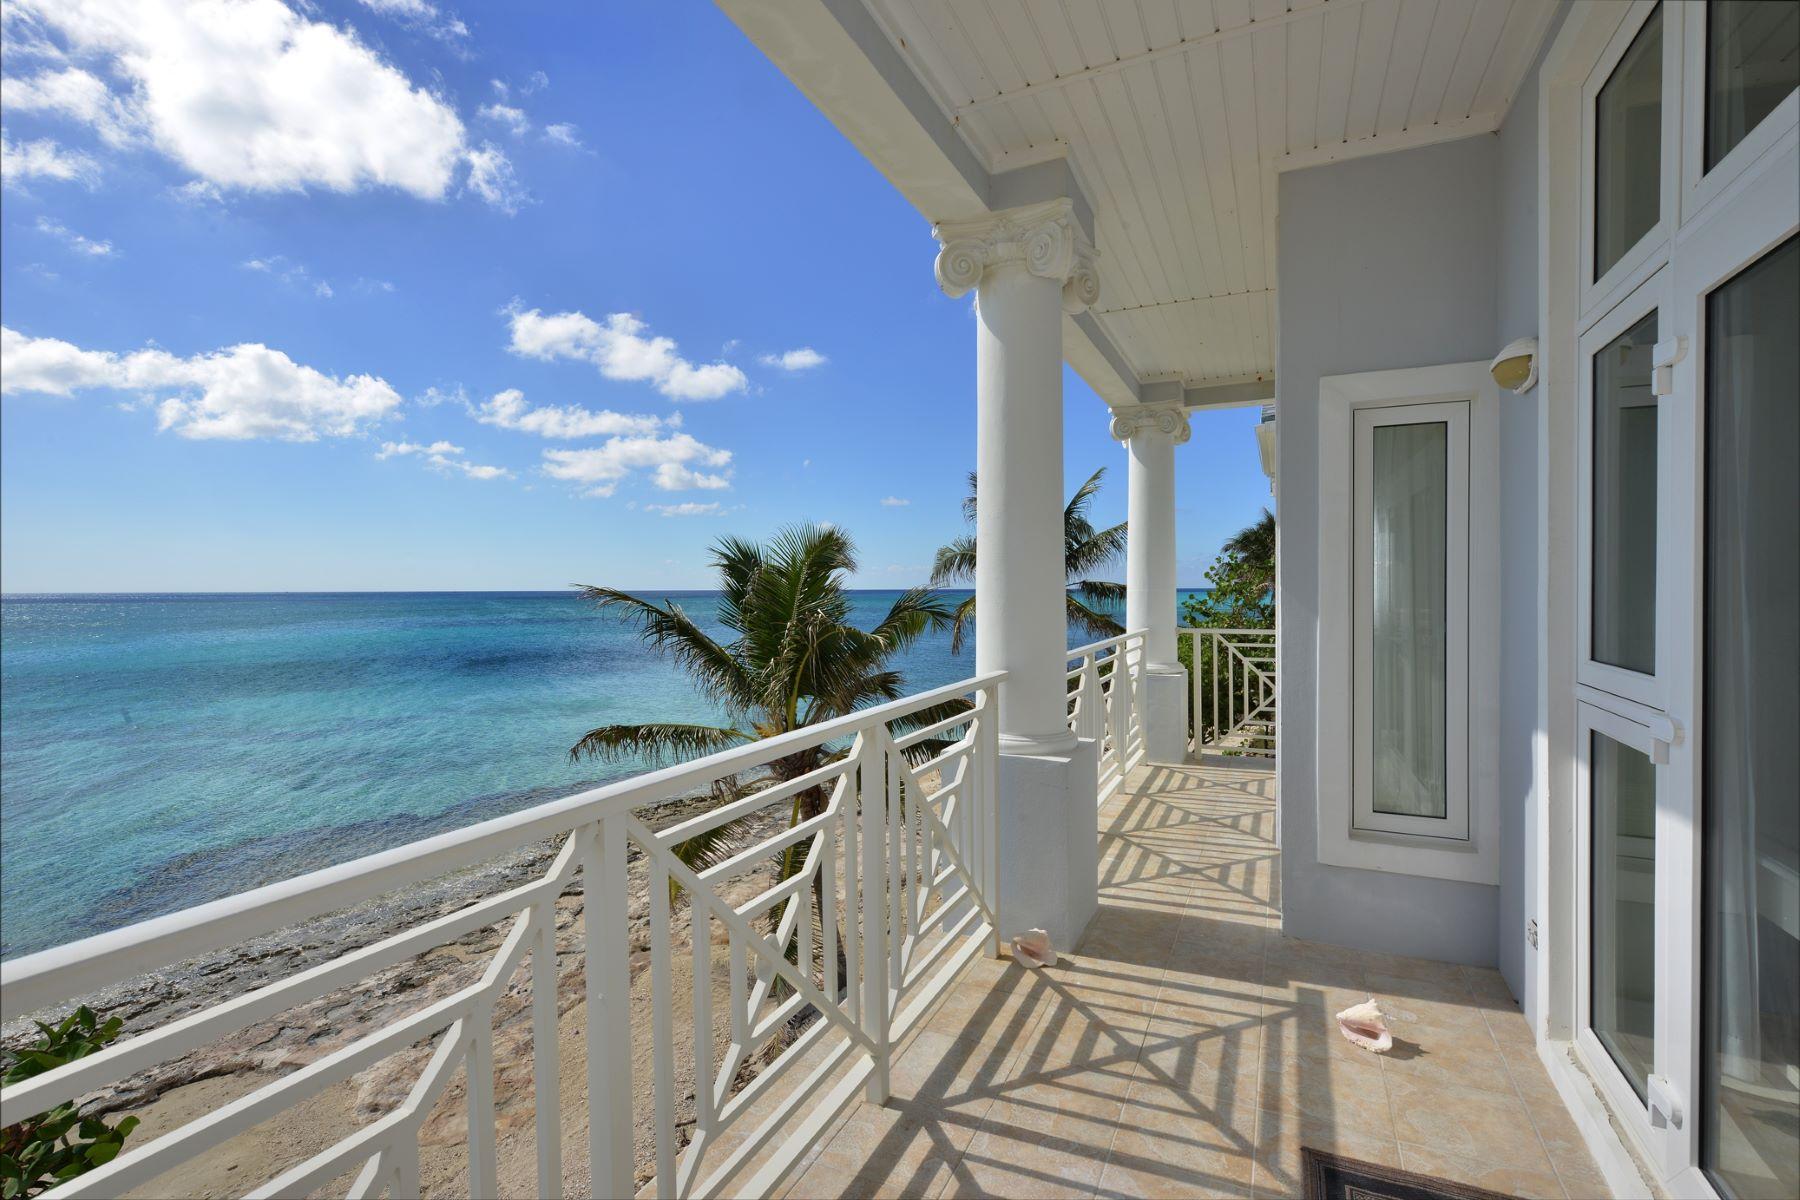 联栋屋 为 出租 在 Royall Beach Estates K-17, South Ocean Royall Beach Estates, South Ocean, 新普罗维登斯/拿骚 巴哈马